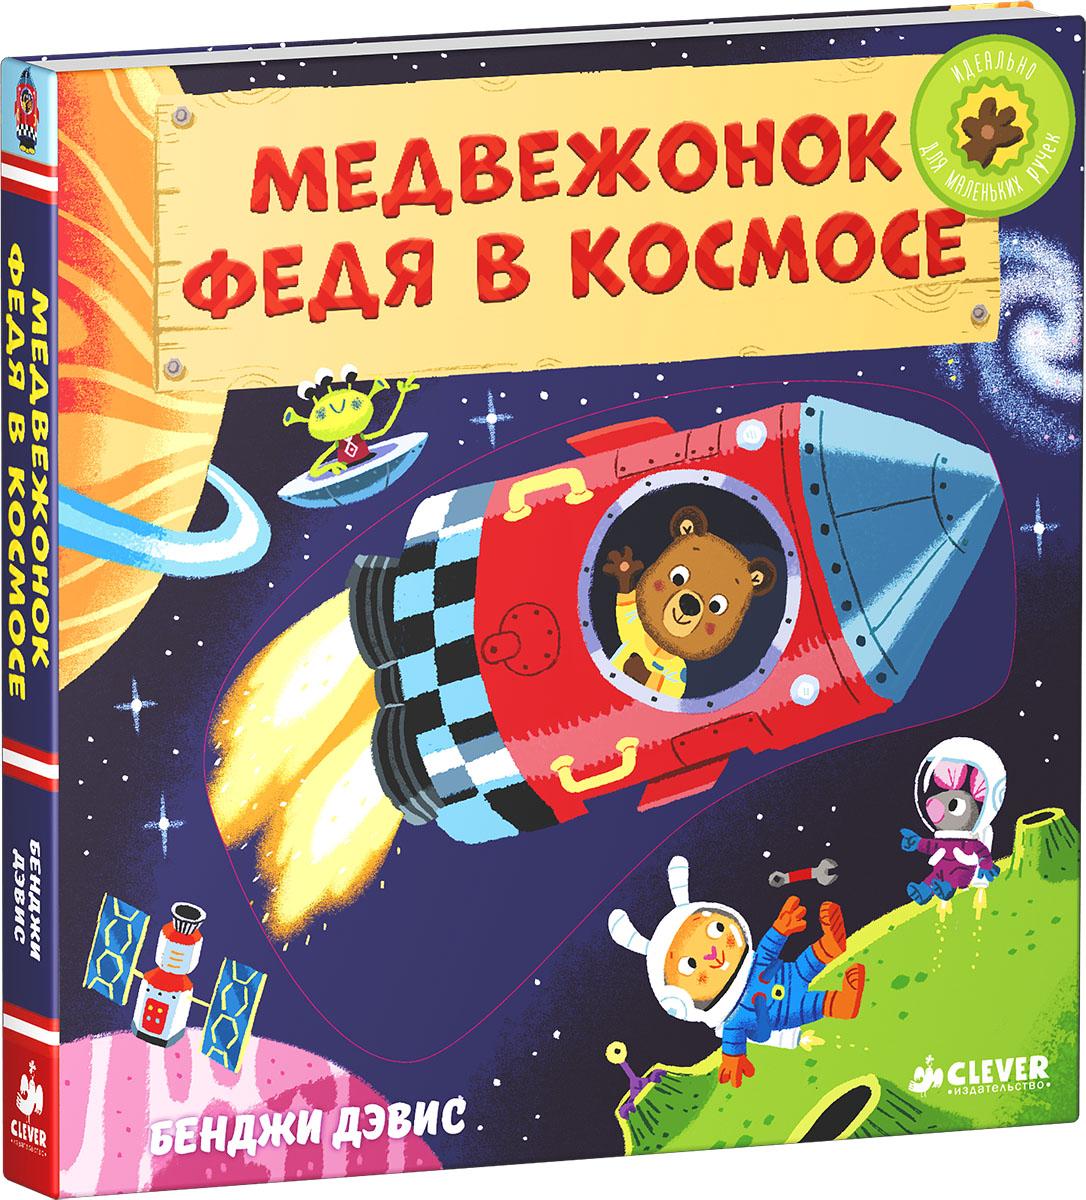 Медвежонок Федя в космосе12296407Что вас ждет под обложкой: Увлекательная книжка-игрушка с движущимися элементами про медвежонка Федю, который летит на Луну вместе со своими друзьями. Гид для родителей: Читайте веселые стихи и выполняйте задания. Расскажите ребенку о строении нашей планеты, о космосе, звездах и небесных телах. Яркие и красочные иллюстрации вам помогут познакомить ребенка с невесомостью, а также рассказать, зачем космонавты облачаются в скафандры и как выглядит поверхность Луны. Изюминки: Удобный формат, плотные картонные страницы с движущимися деталями. Два в одном: познавательная книга для знакомства с окружающим миром и игра для развития мелкой моторики и внимания. Возраст: от 1 года до 3 лет. Книги данной линейки более 20 лет популярны в Европе!